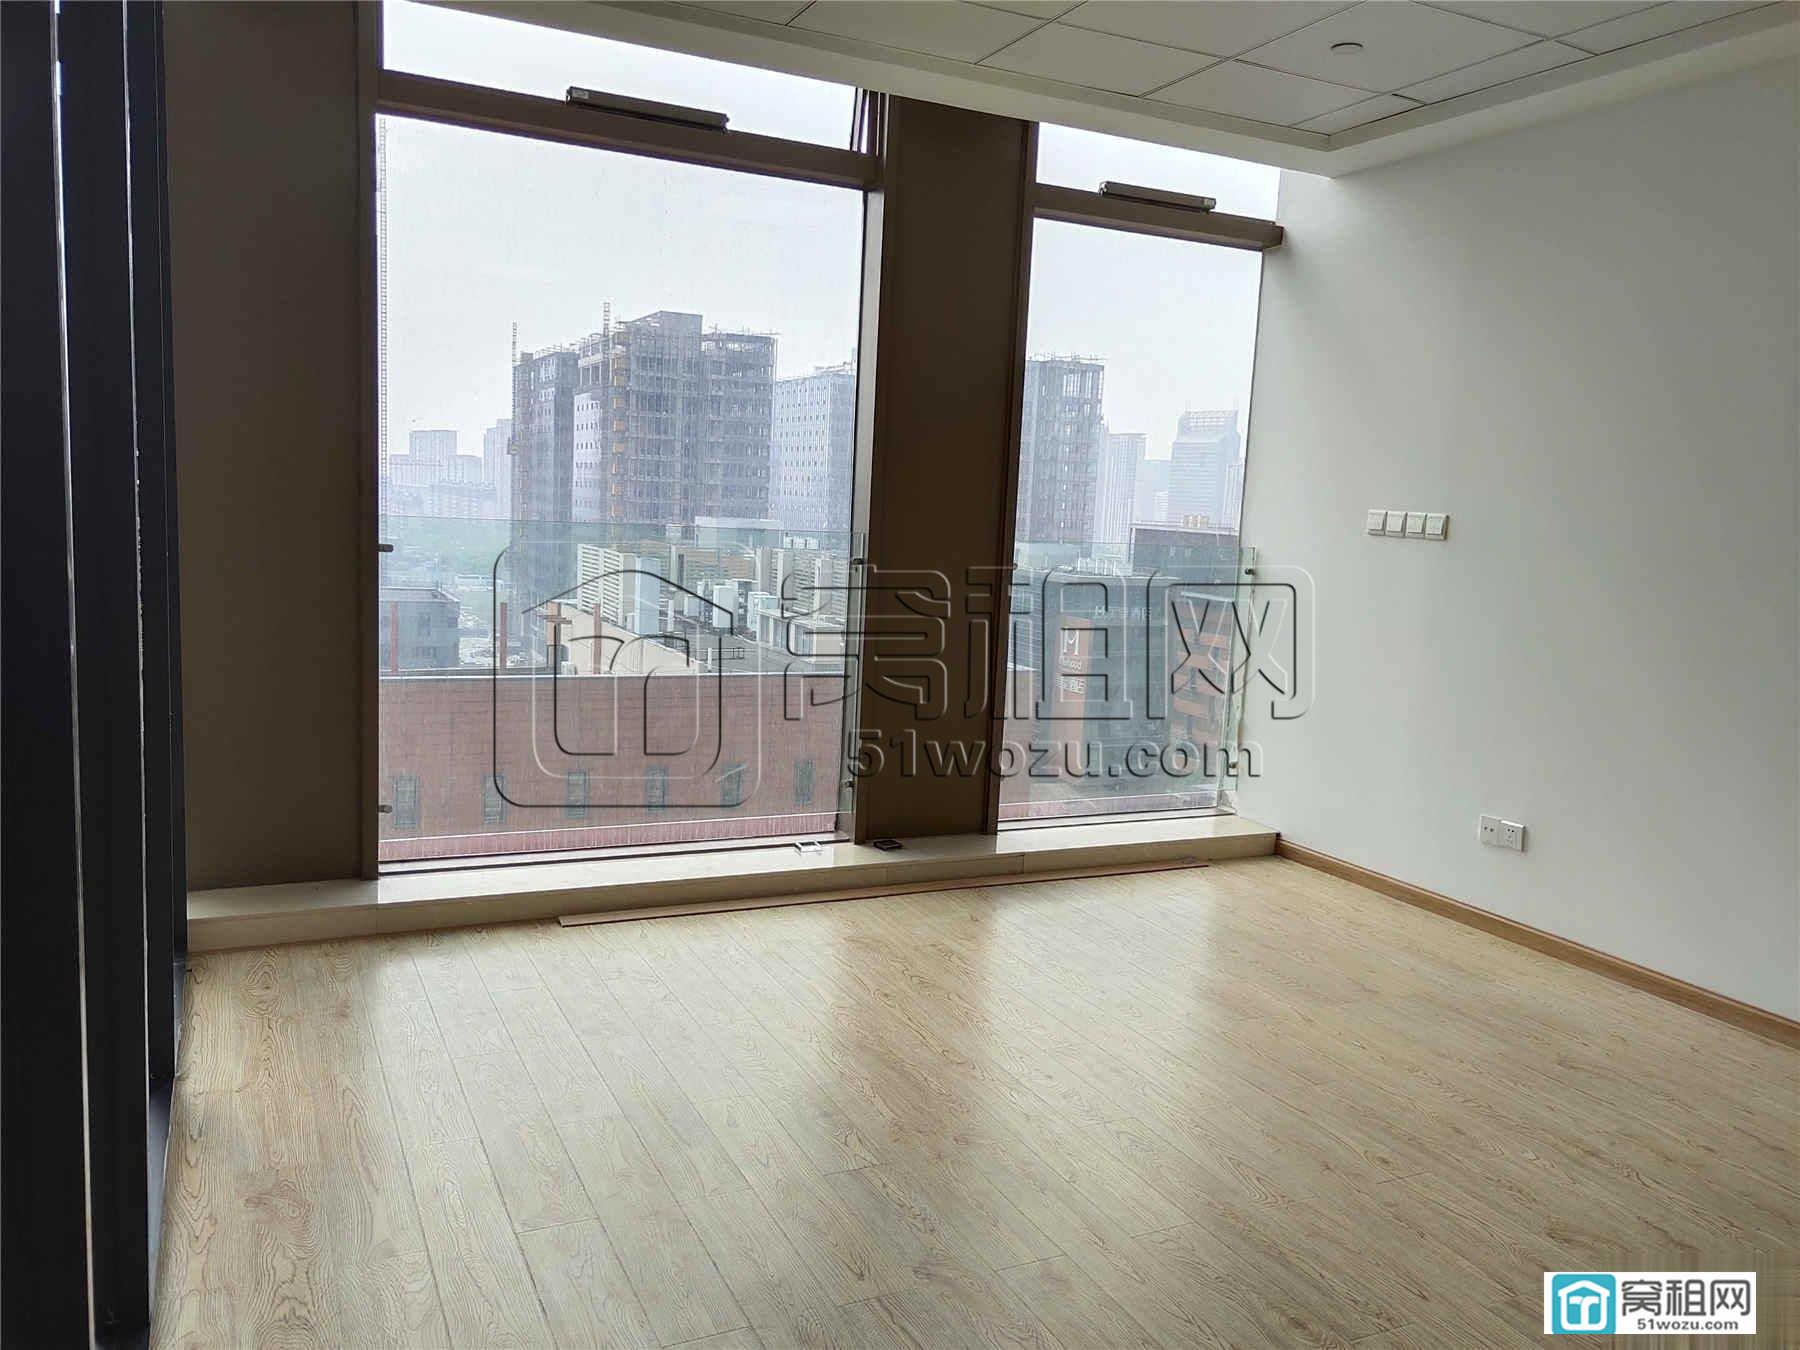 宁波商会国贸中心A座高层出租已经装修完毕